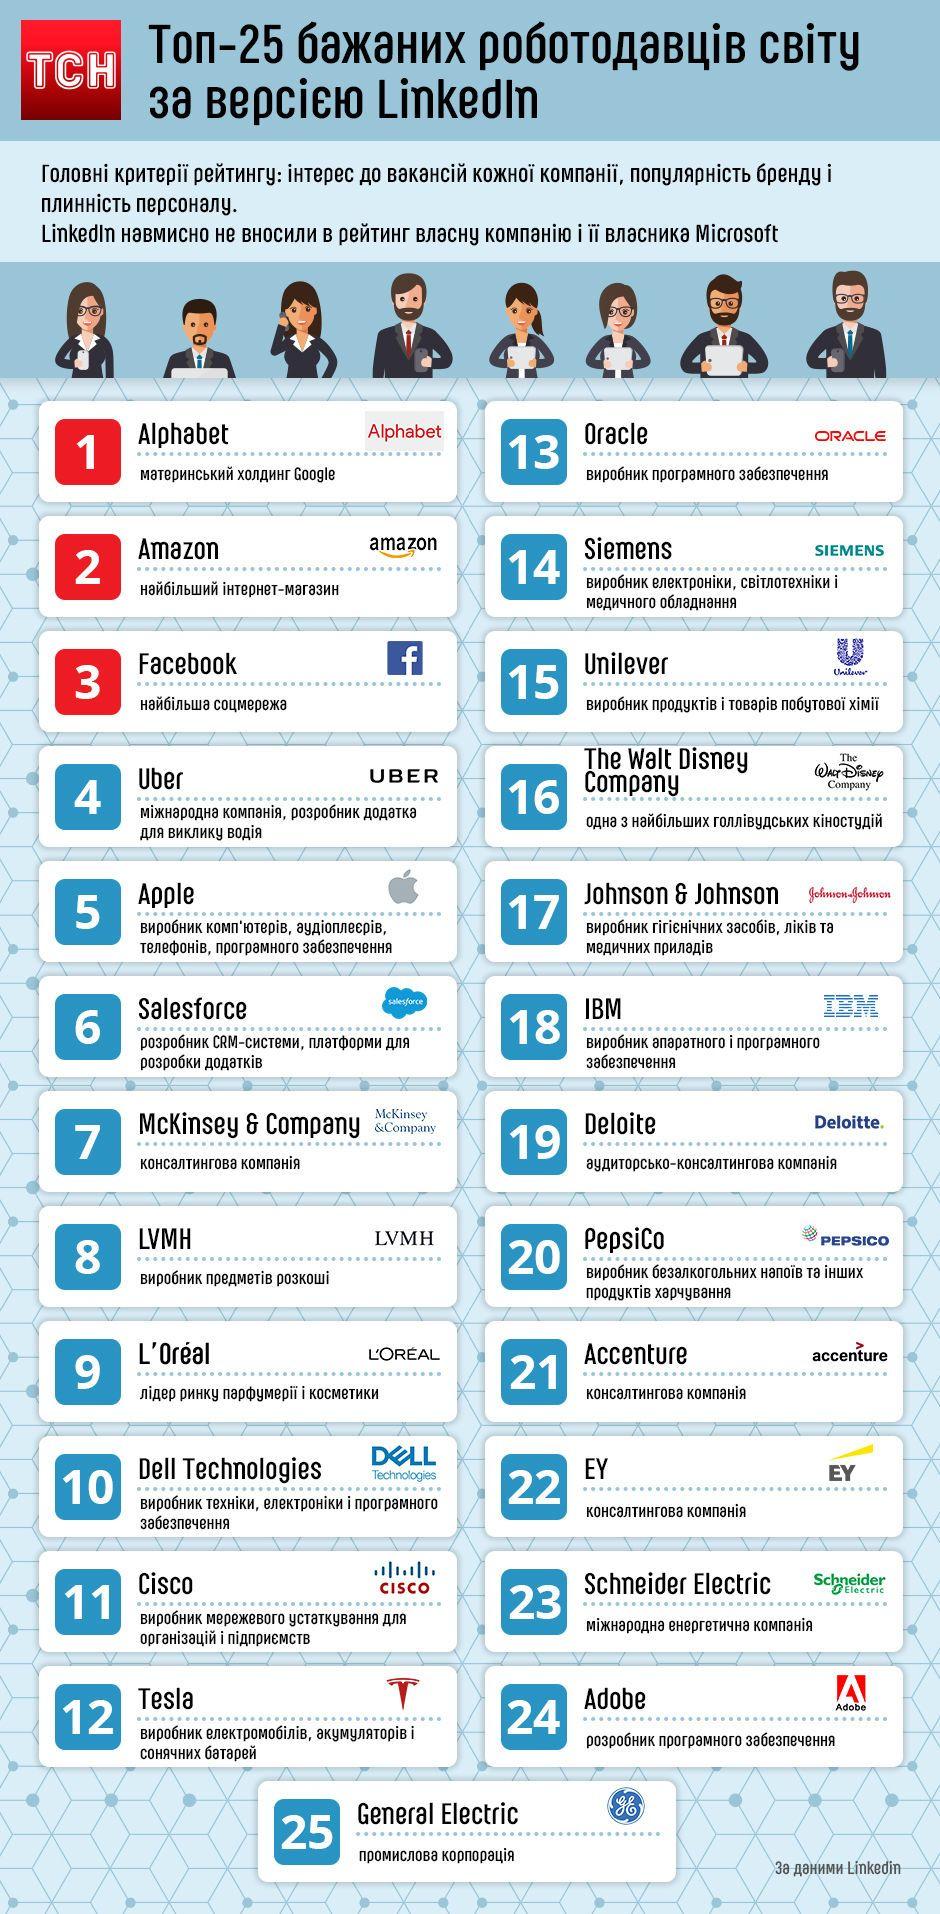 Топ-25 бажаних роботодавців світу за версією LinkedIn, інфографіка